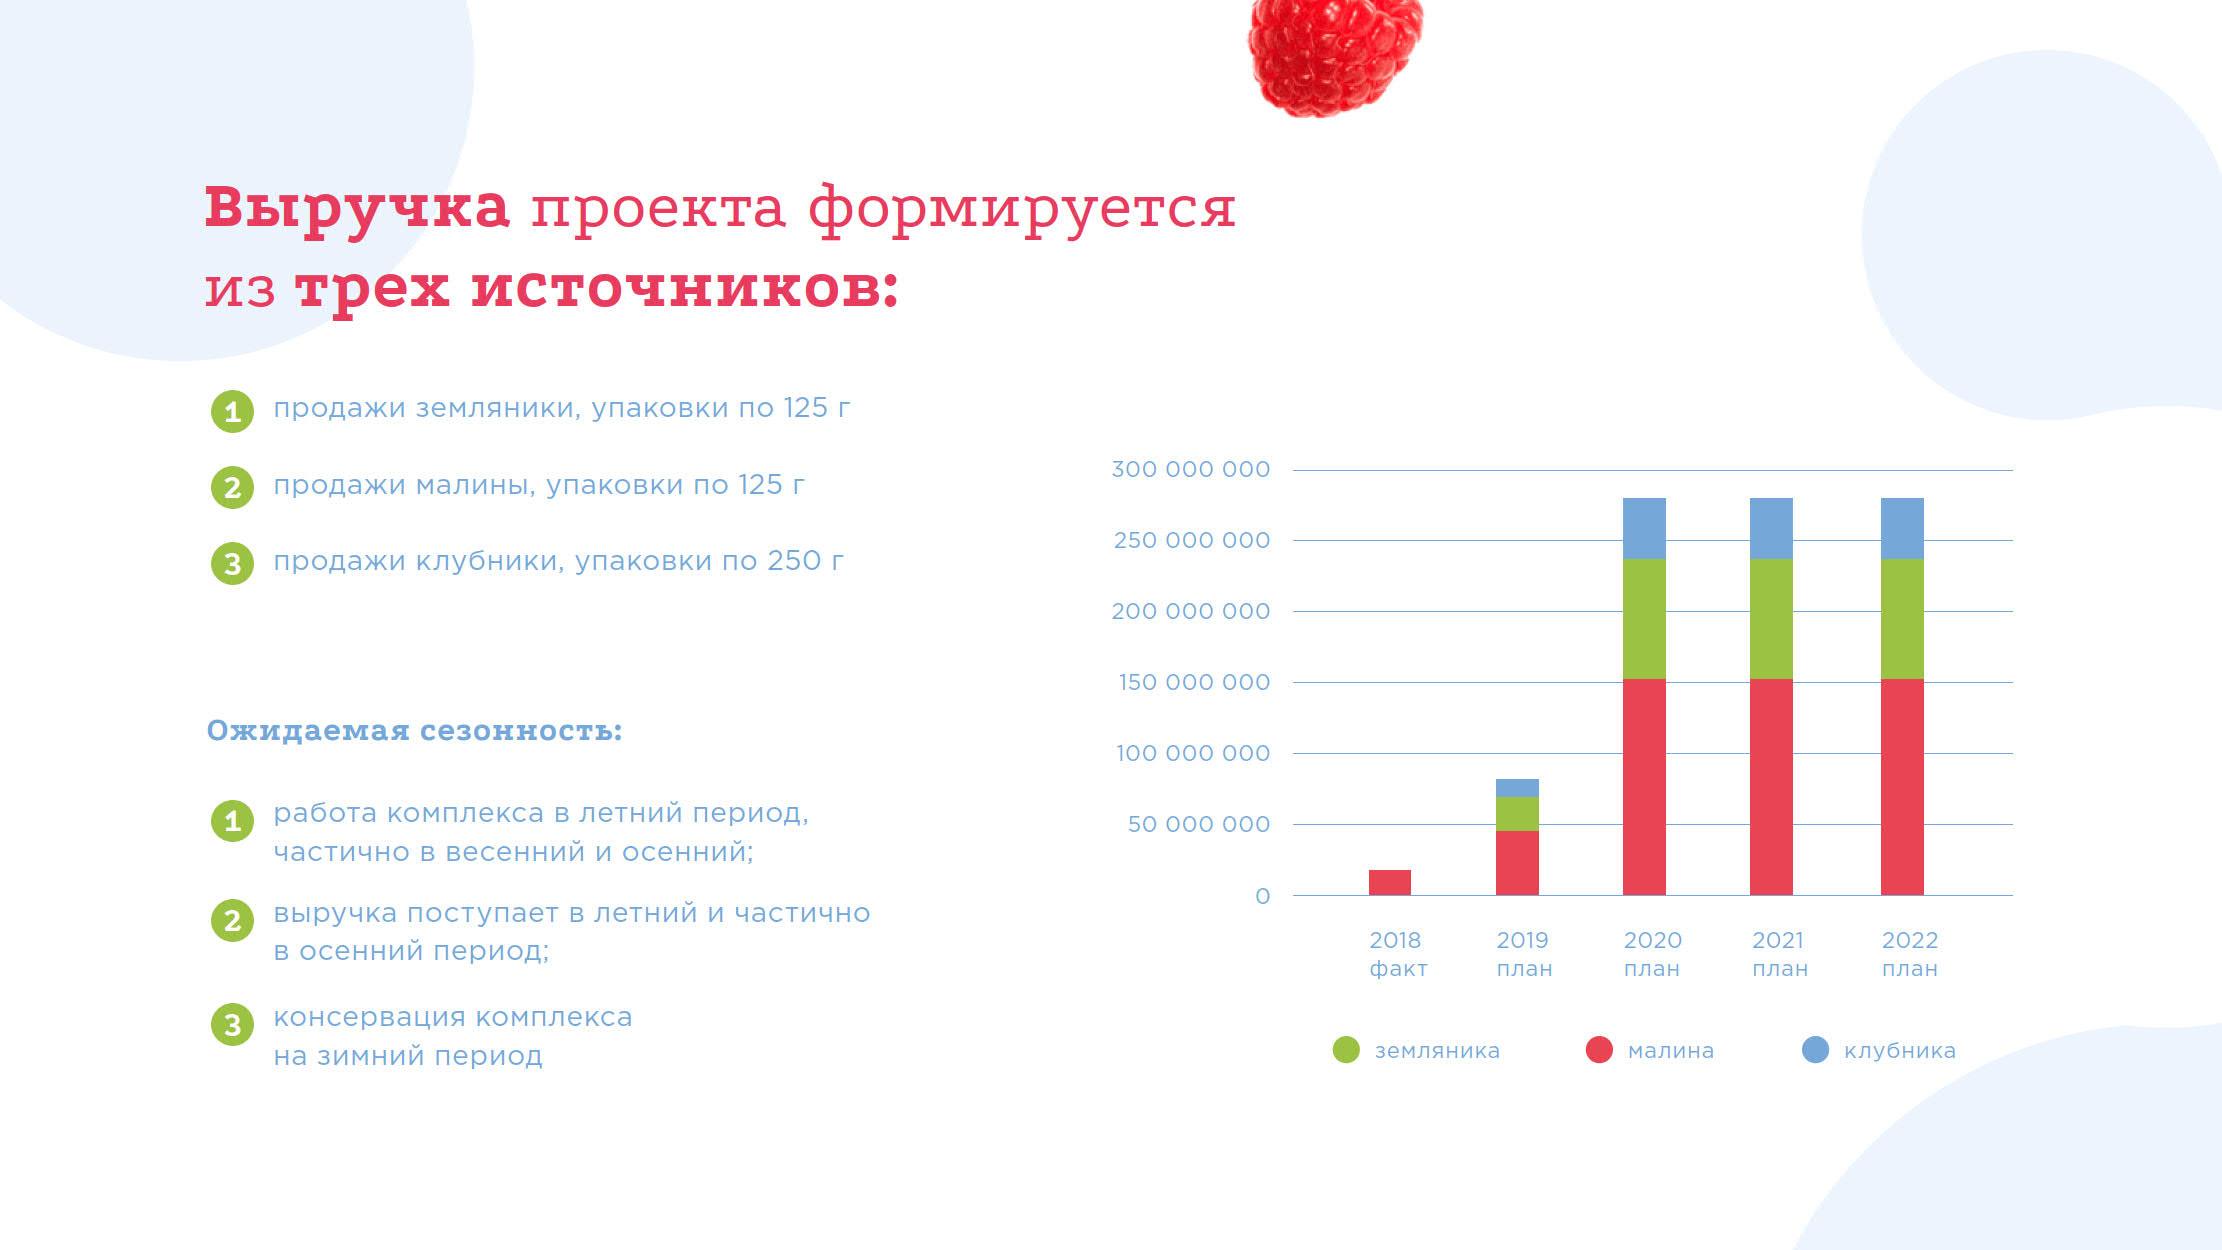 Презентация проекта создания ягодного кластера для инвесторов